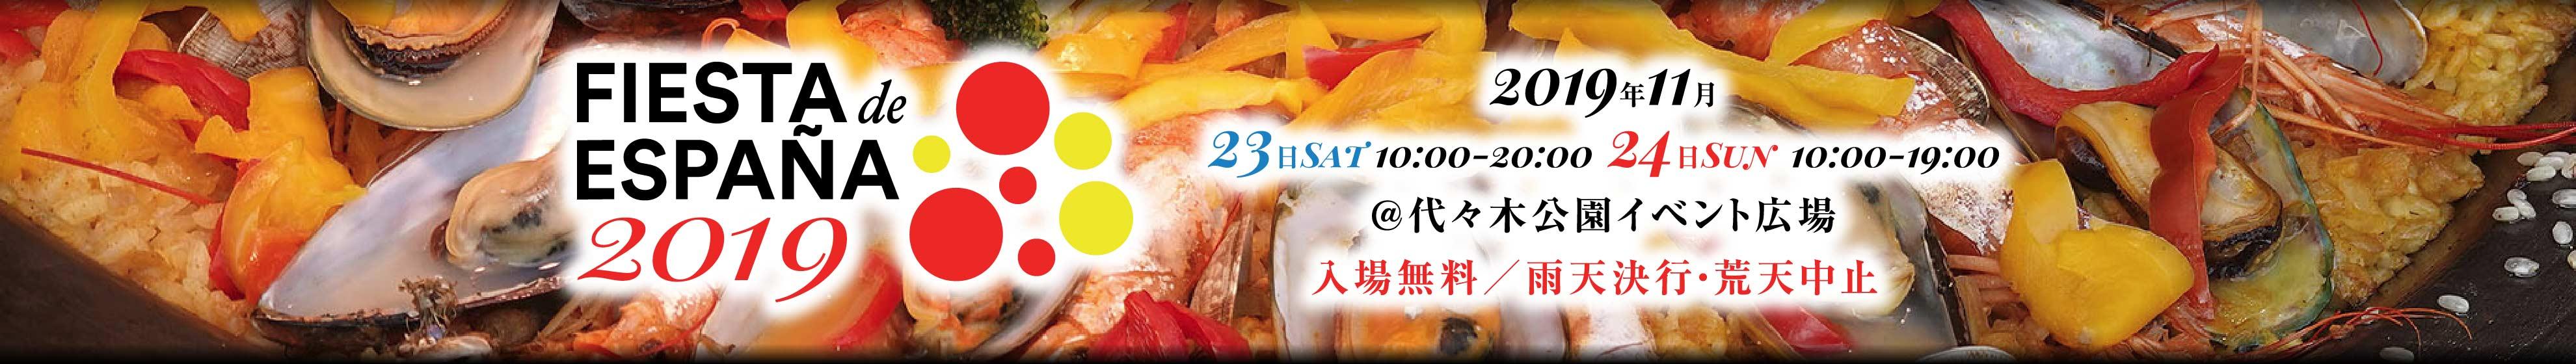 日本最大級のスペインフェスティバル『フィエスタ・デ・エスパーニャ2019』11月23日(土)10:00-20:00・24日(日)10:00-19:00 @東京・代々木公園